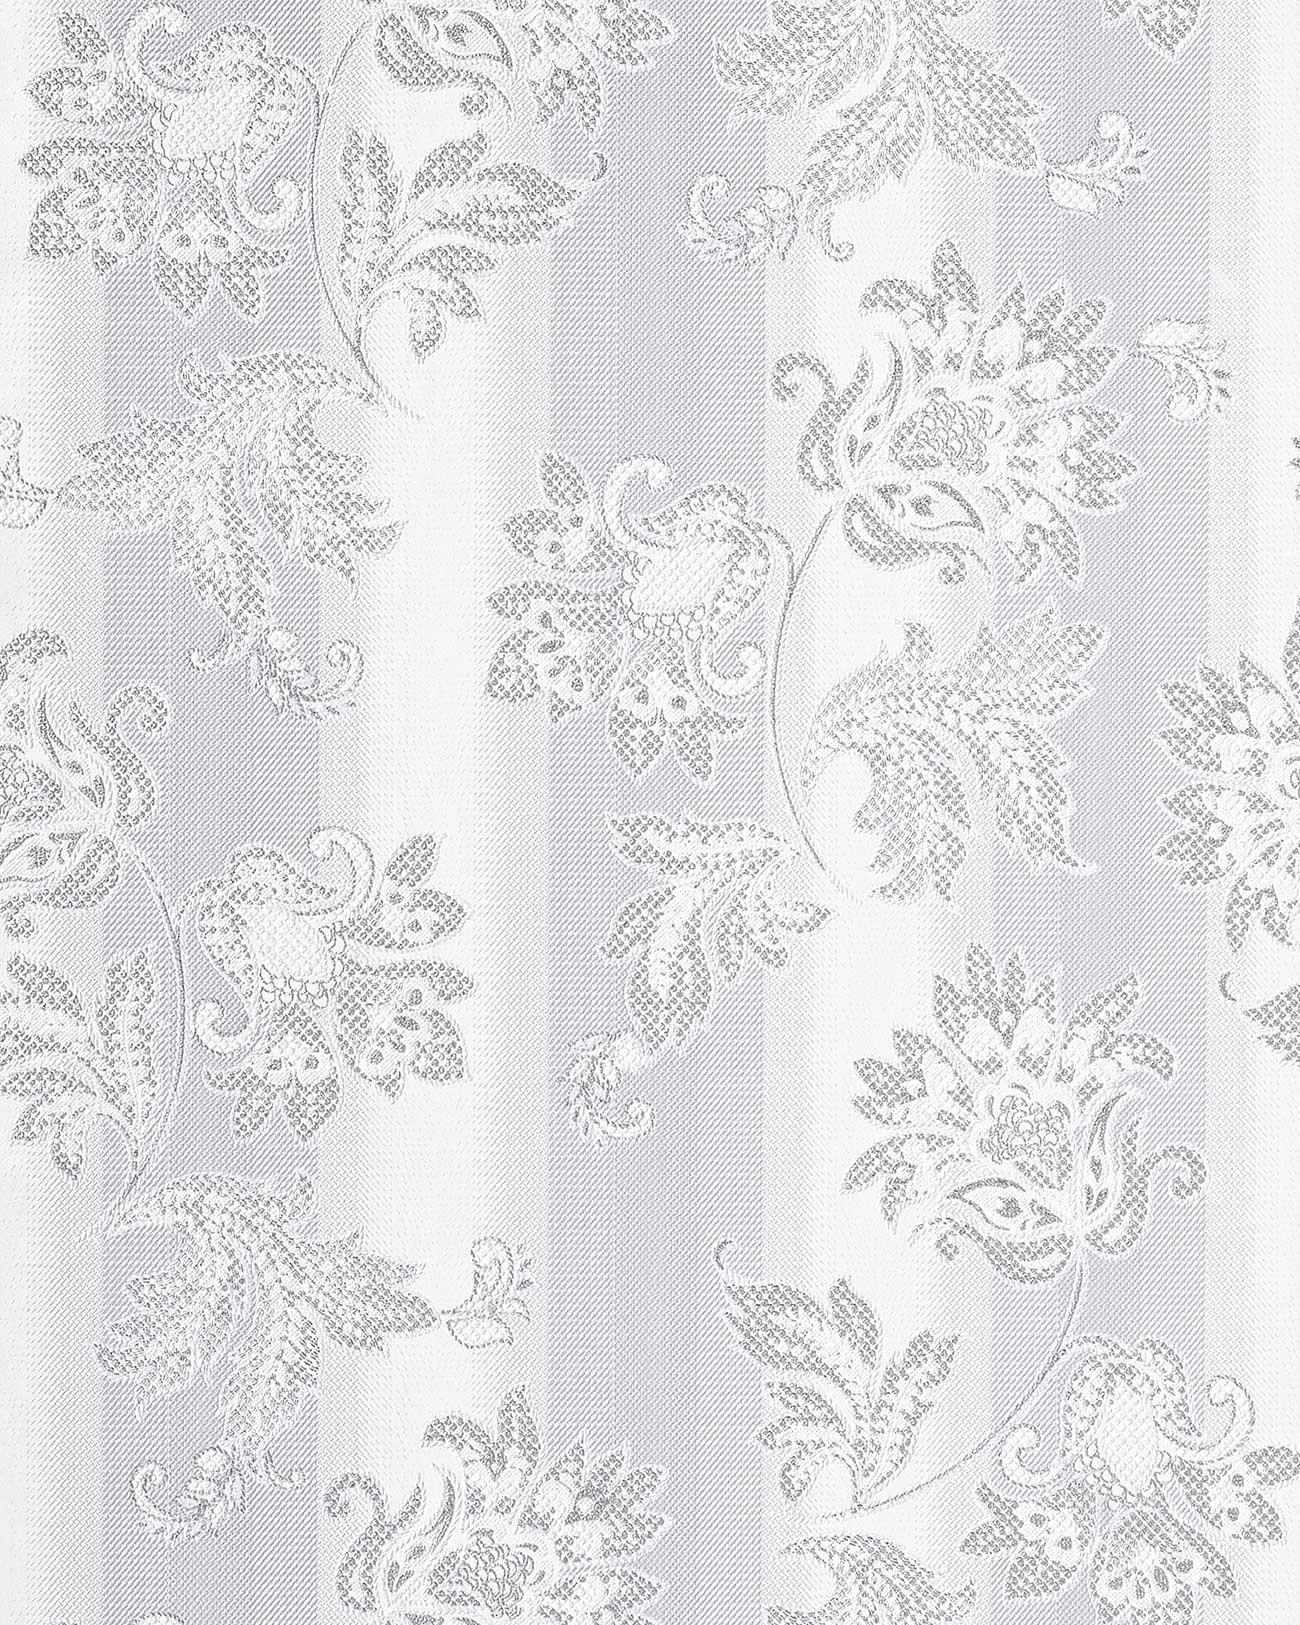 Papier peint en vinyle design motif floral edem 084 20 - Sous couche papier peint ...